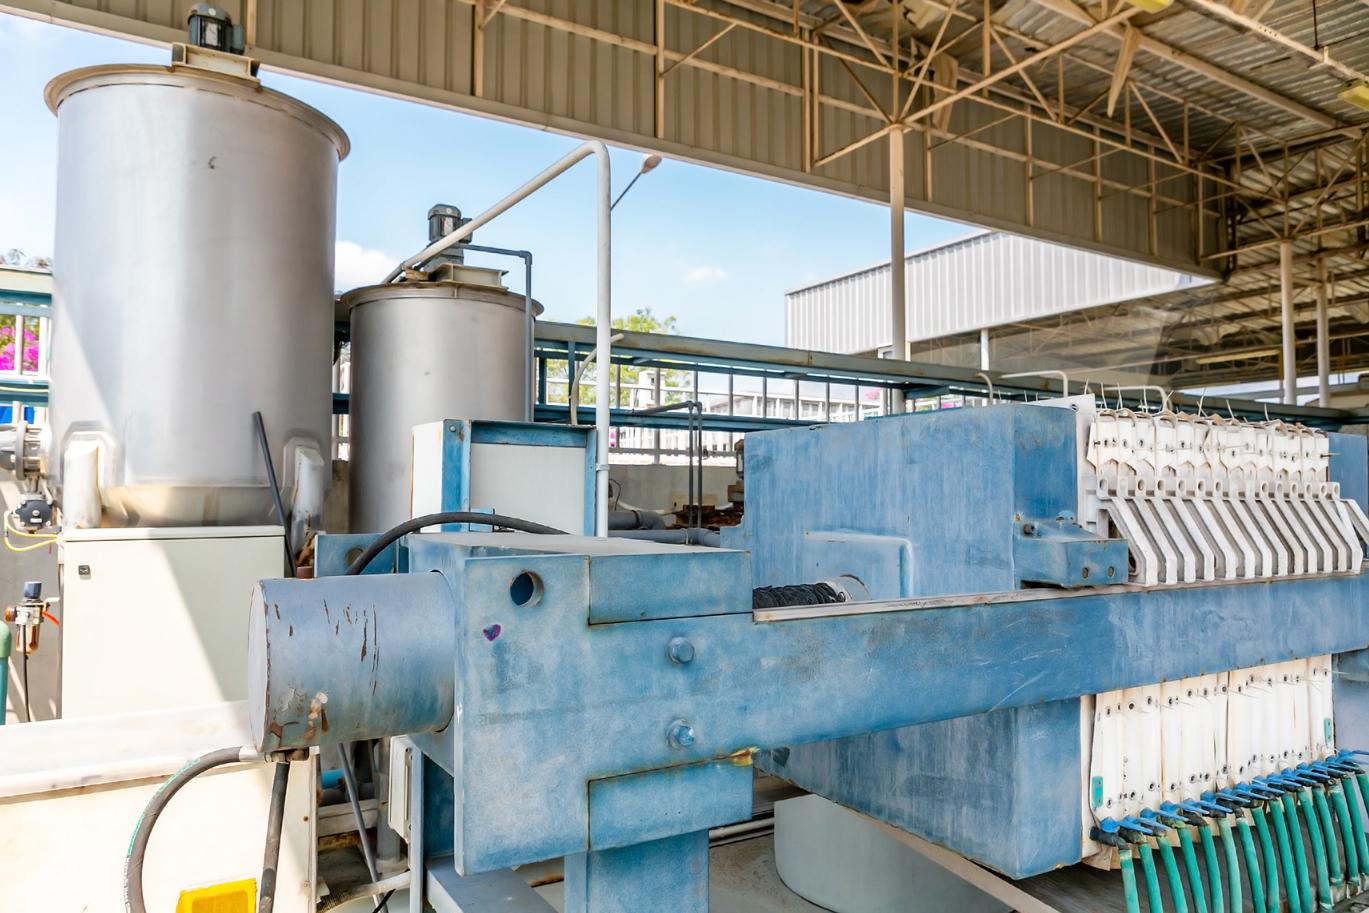 沈殿したスラッジを特殊な装置で完全に水と固形物に分離。このドライスラッジは食品由来なので、産業廃棄物とはならない